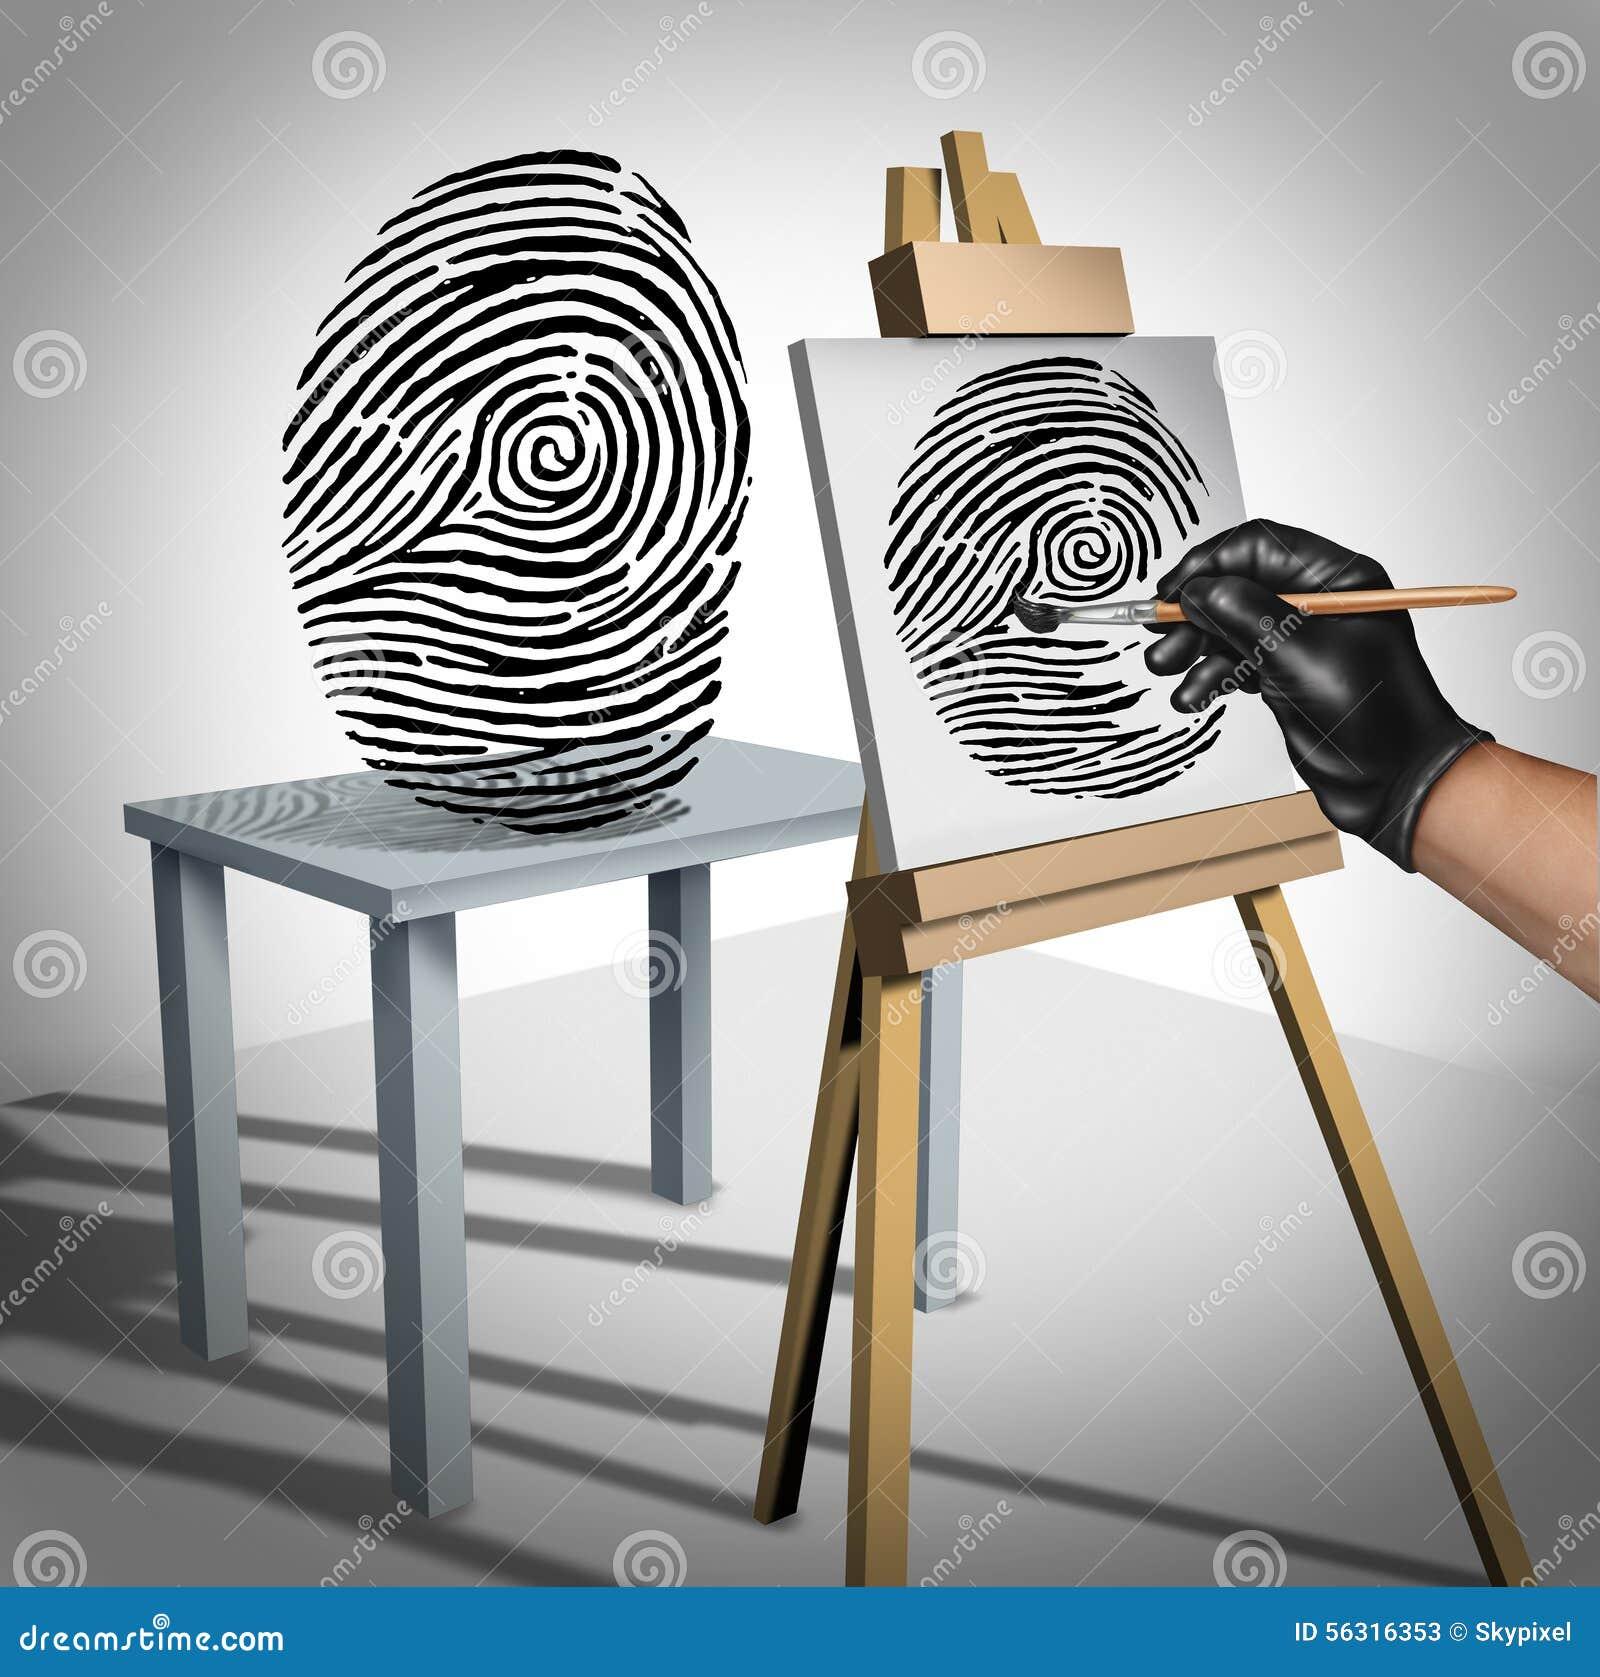 φθορά κλοπής διαβατηρίων εξαρτήσεων χρημάτων ταυτότητας έννοιας διαρρηκτών στοίβες